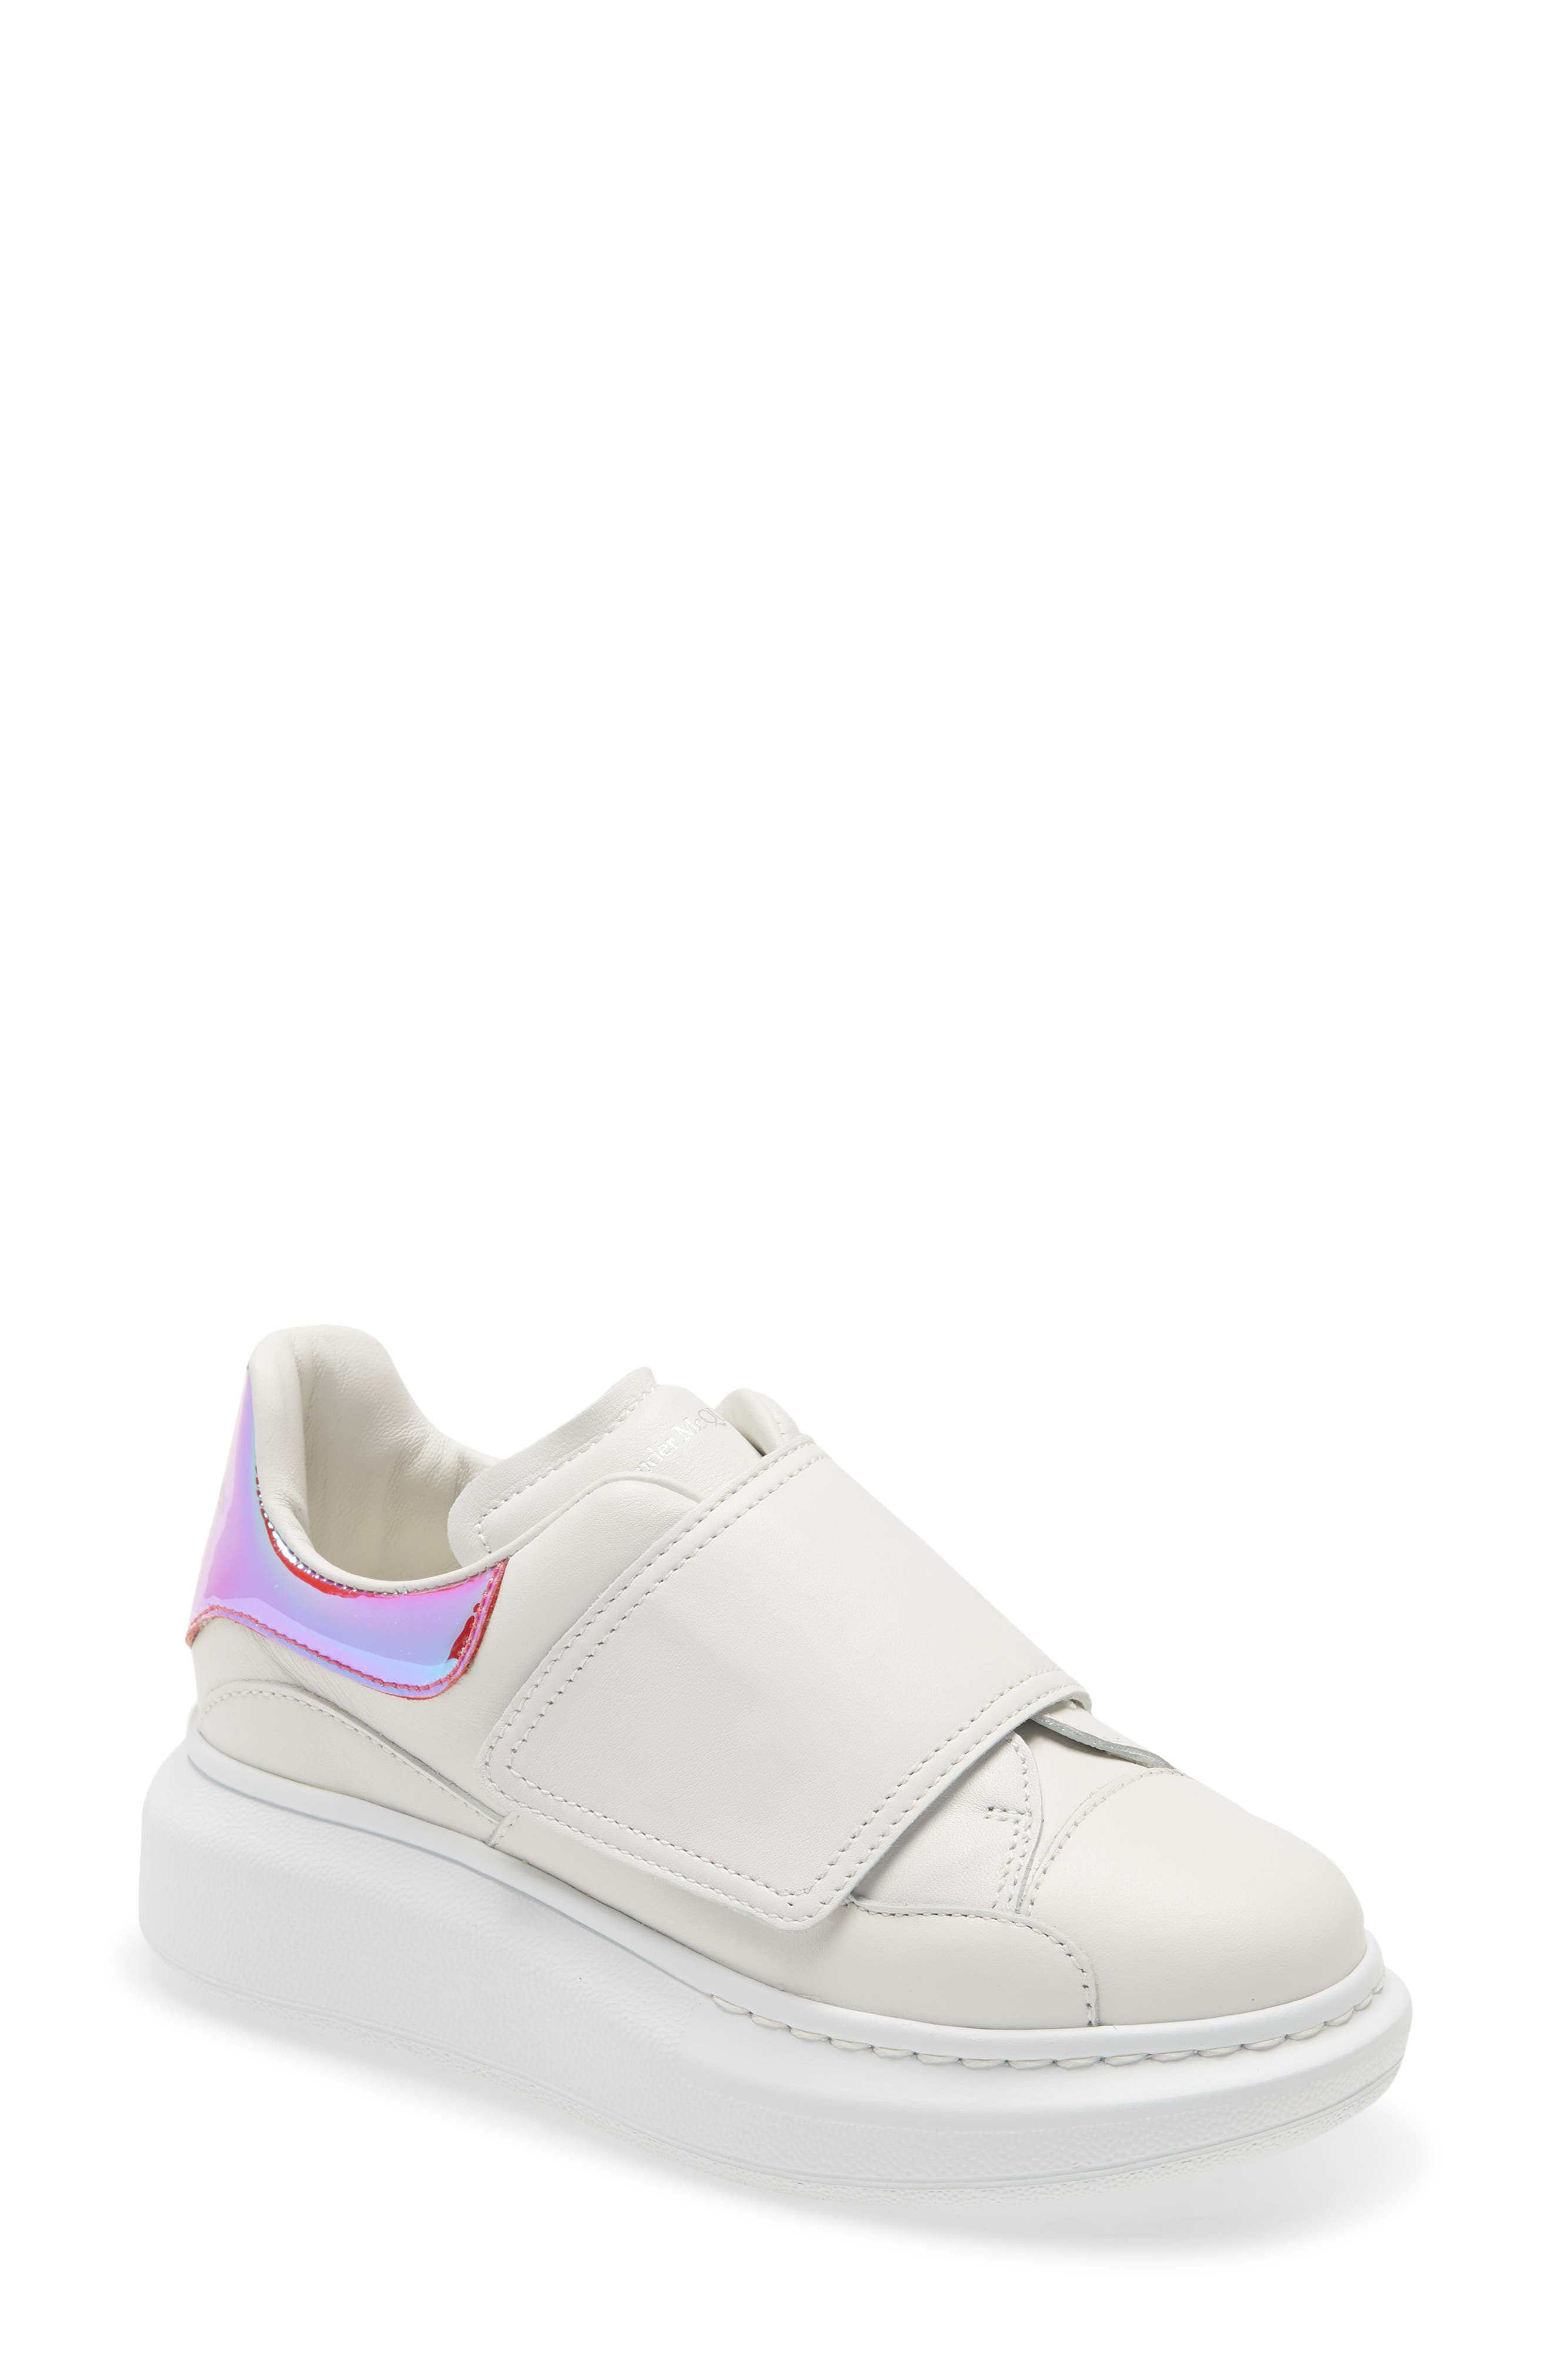 kids alexander mcqueen sneakers